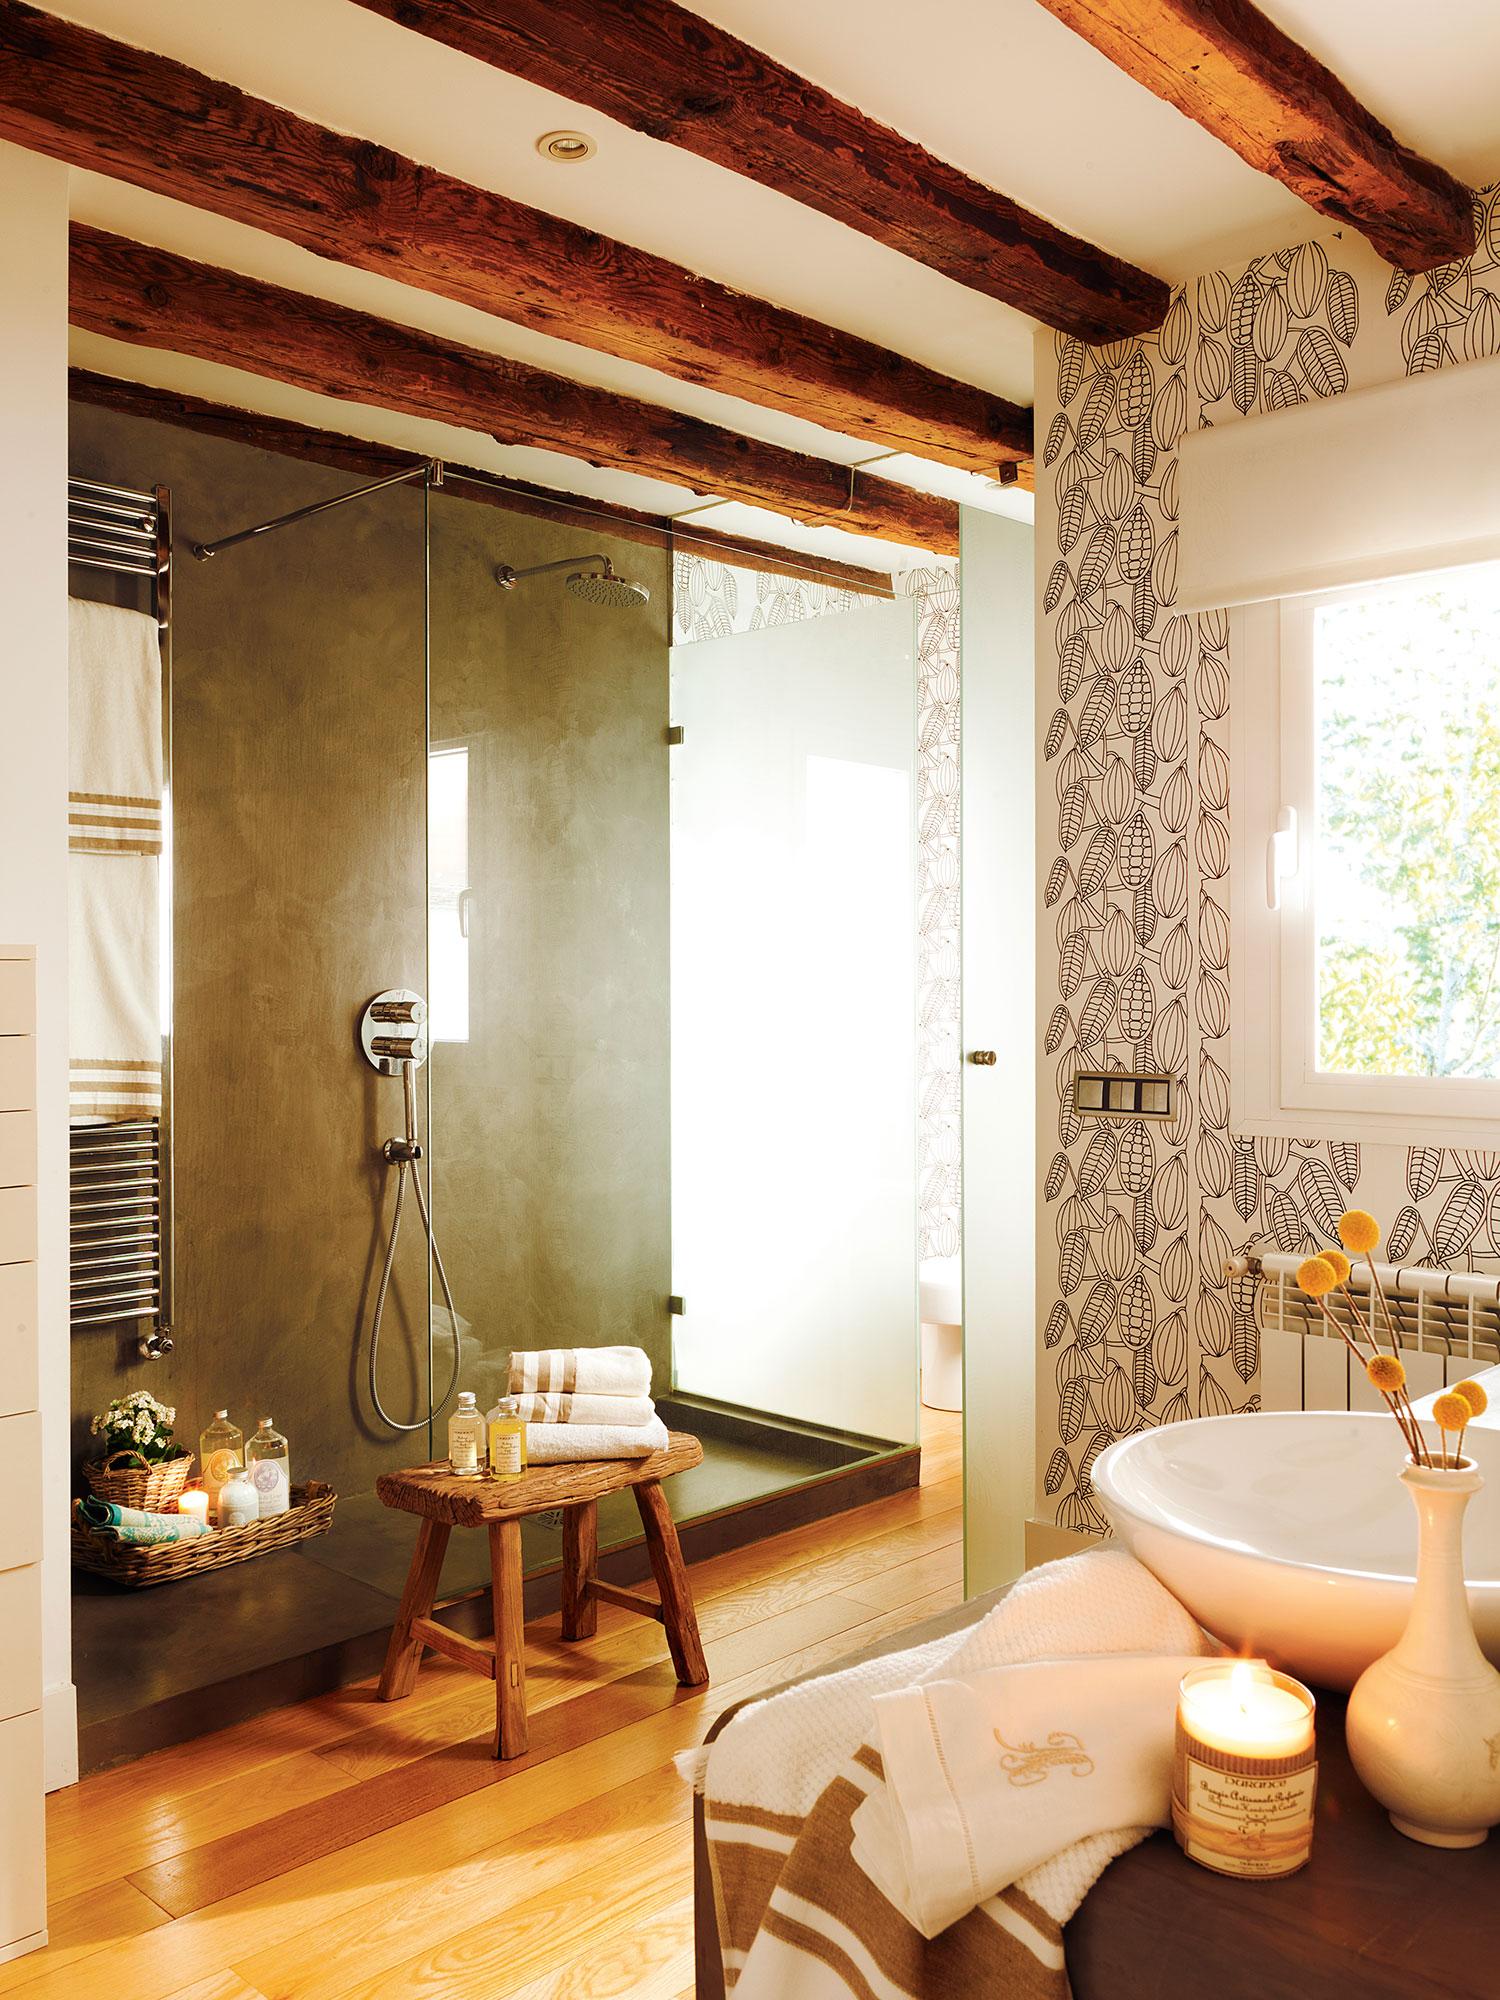 Baño con ducha revestida de microcemento y vigas de madera. Perfilería 8575d76d2118